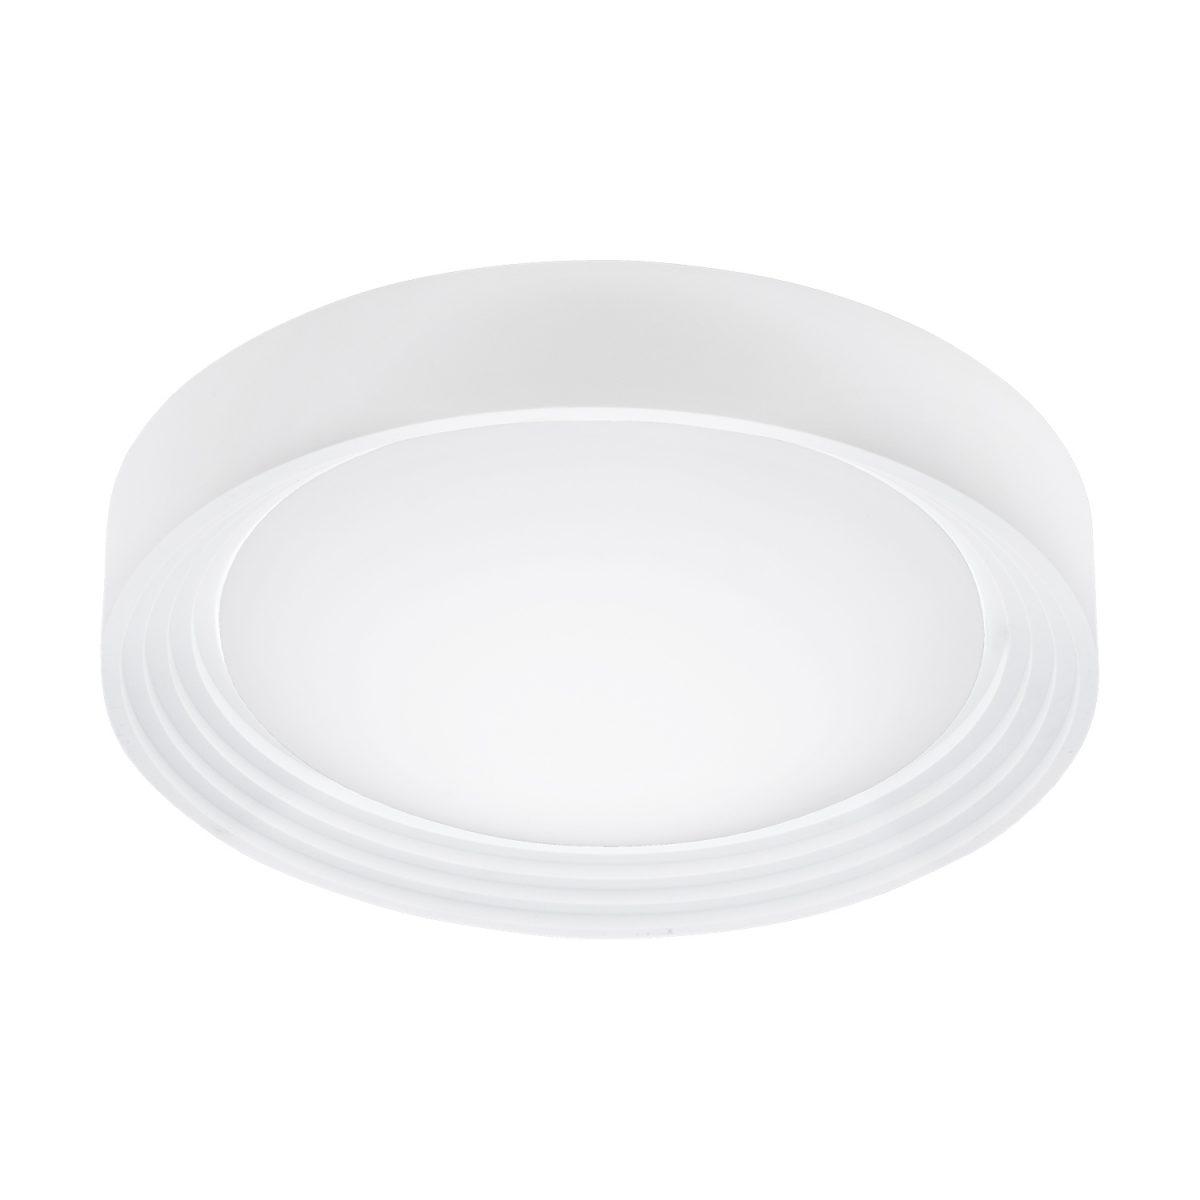 Светильник настенно-потолочный ONTANEDA 1 EGLO 95693 - Фото №28